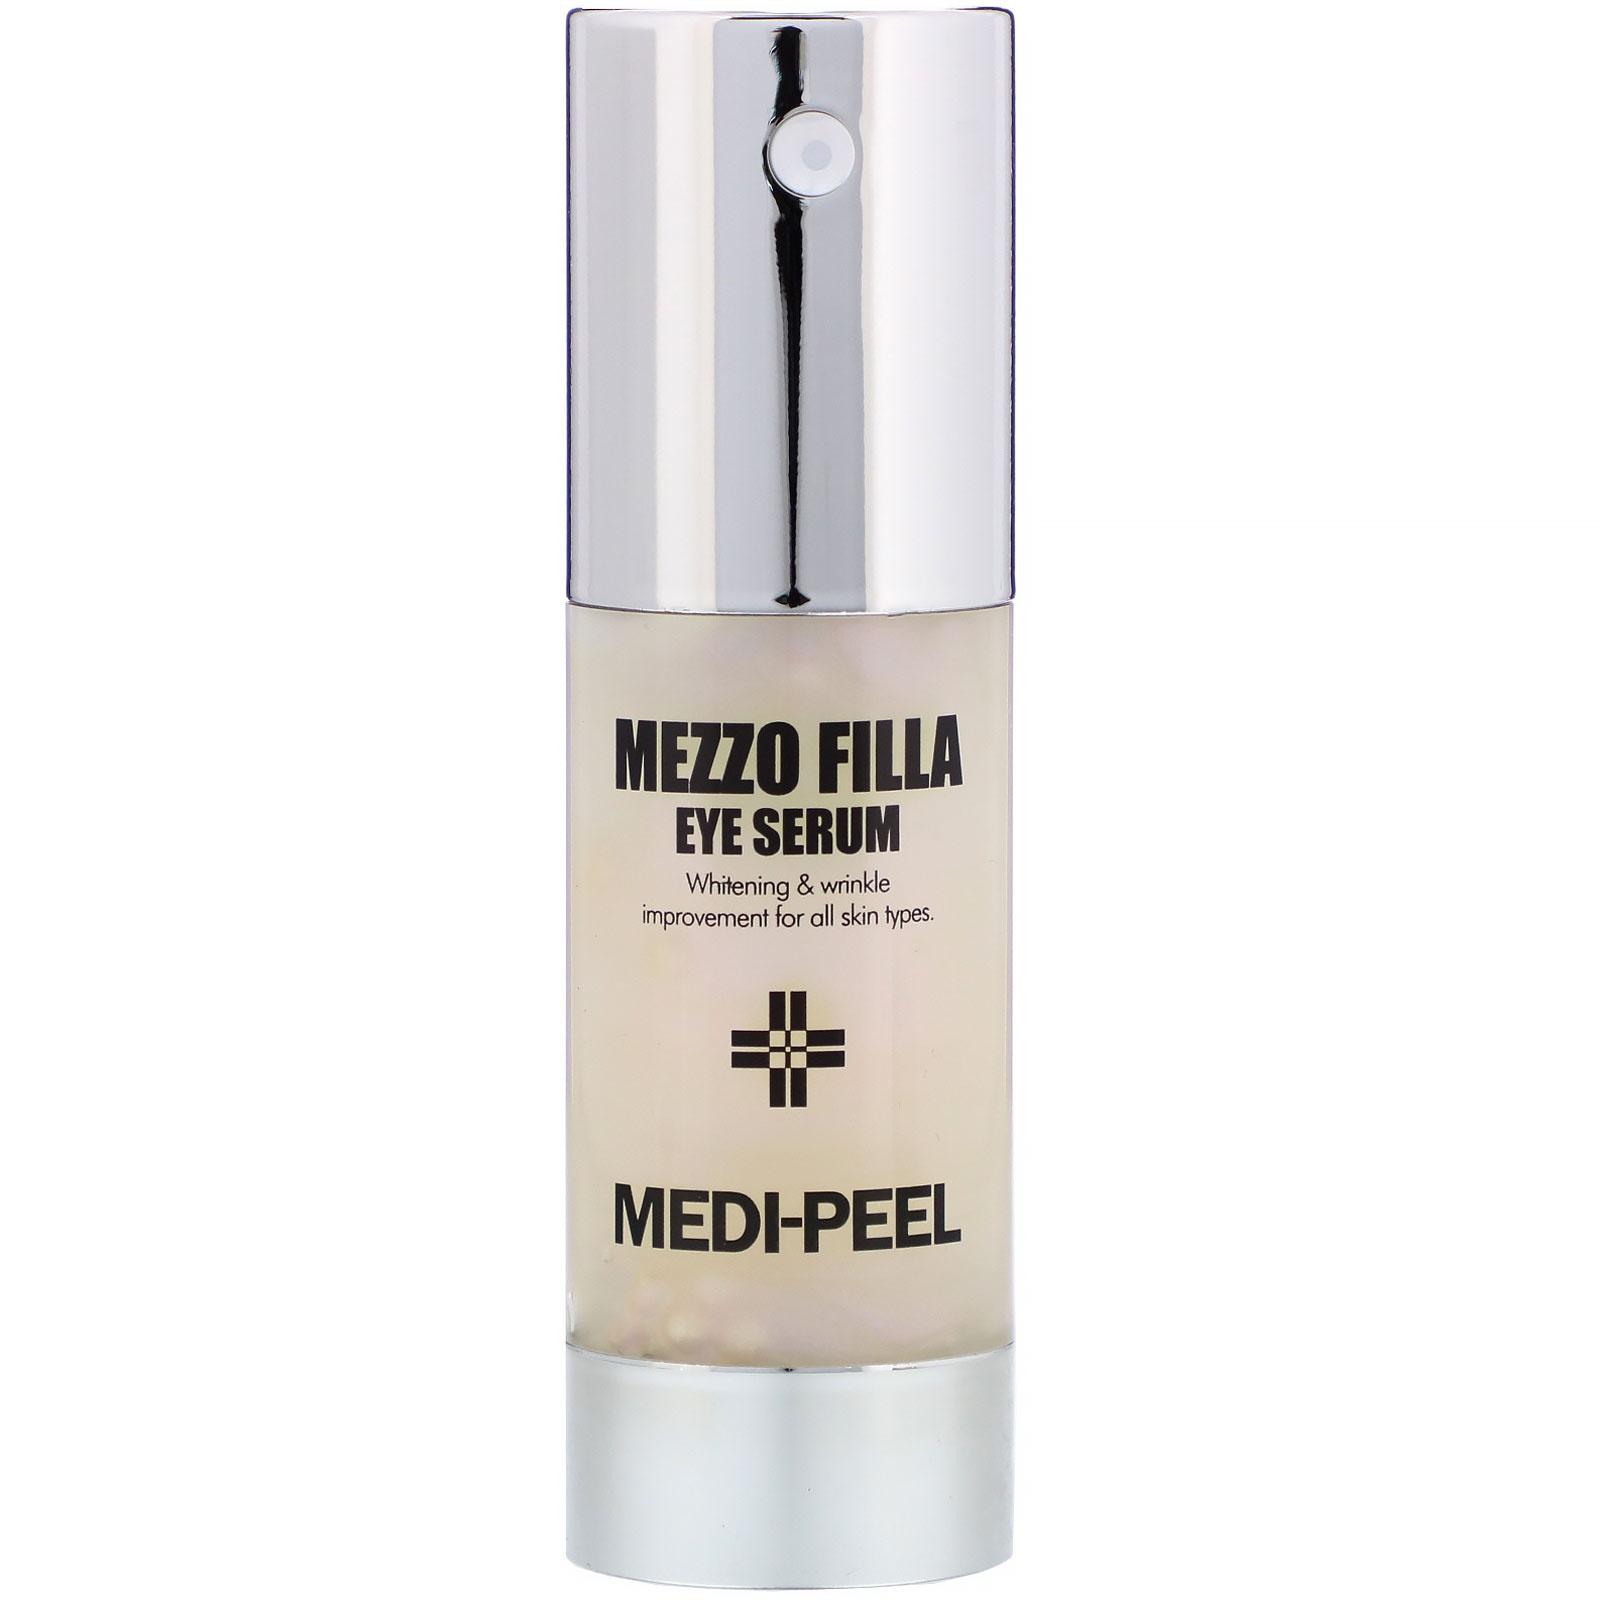 MEDI-PEEL Mezzo Filla, Eye Serum